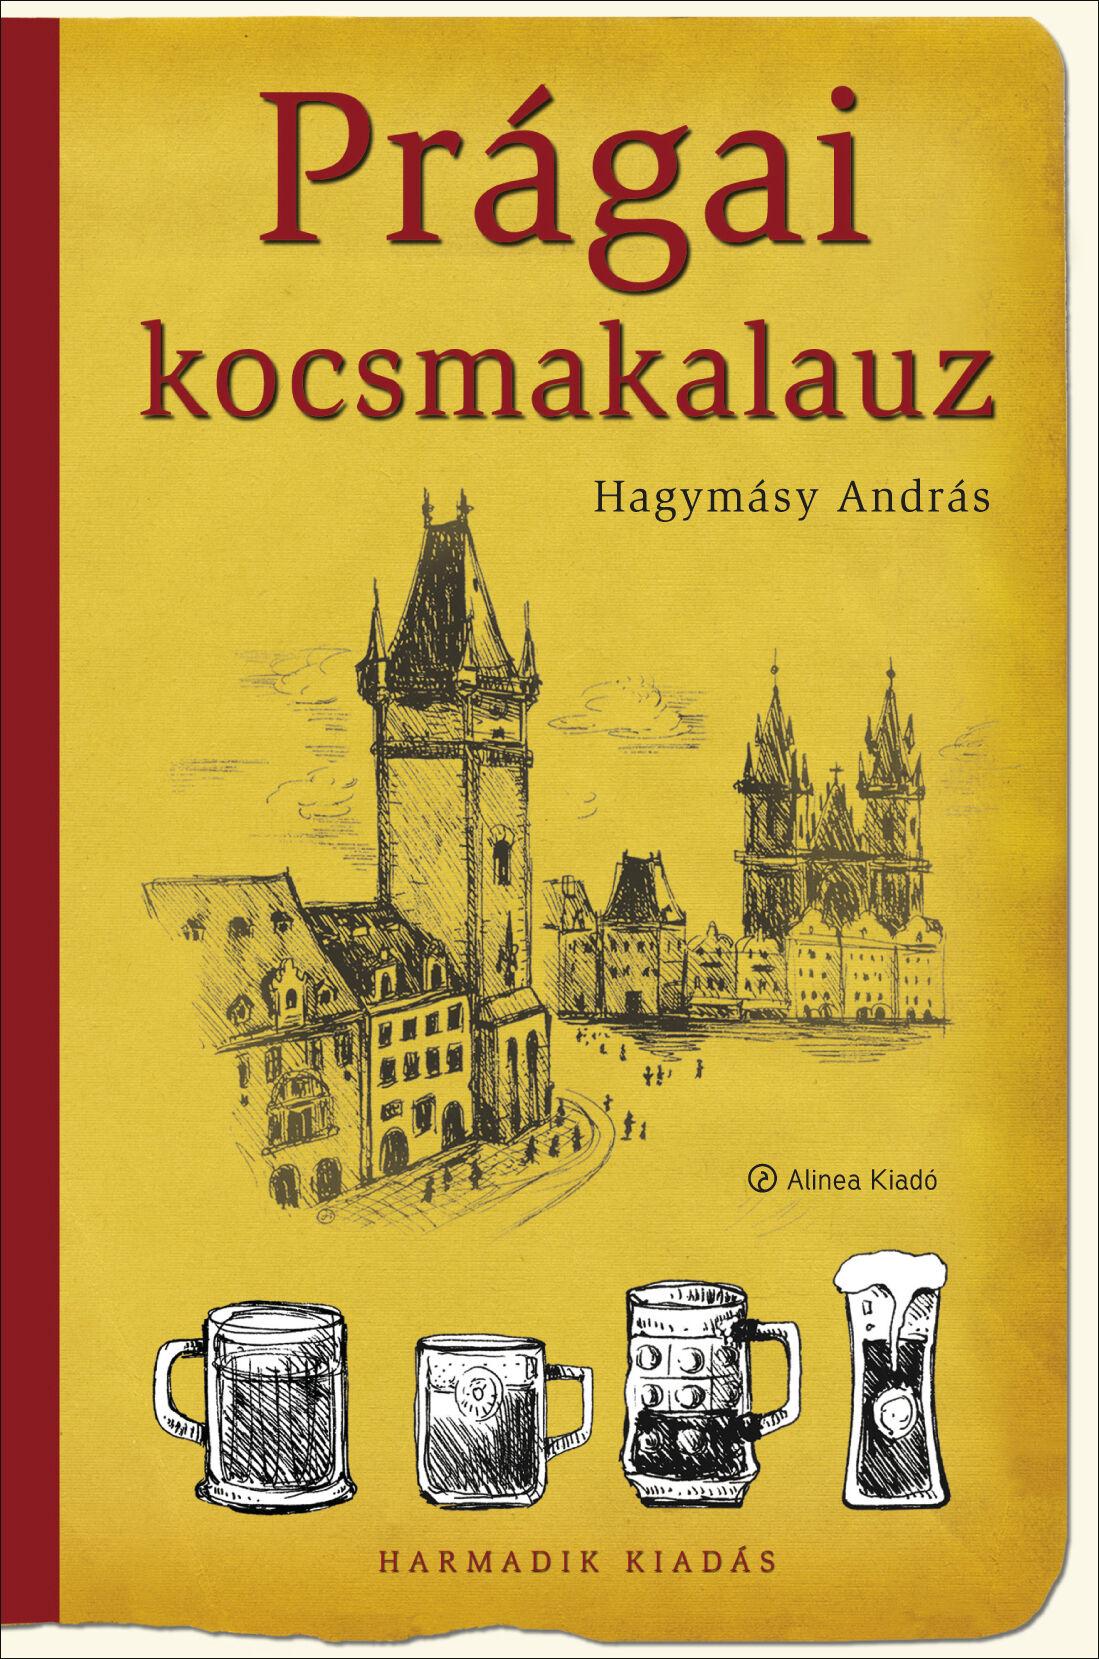 prágai kocsmakalauz, Prága könyv, sörkedvelők, prágai kocsmák